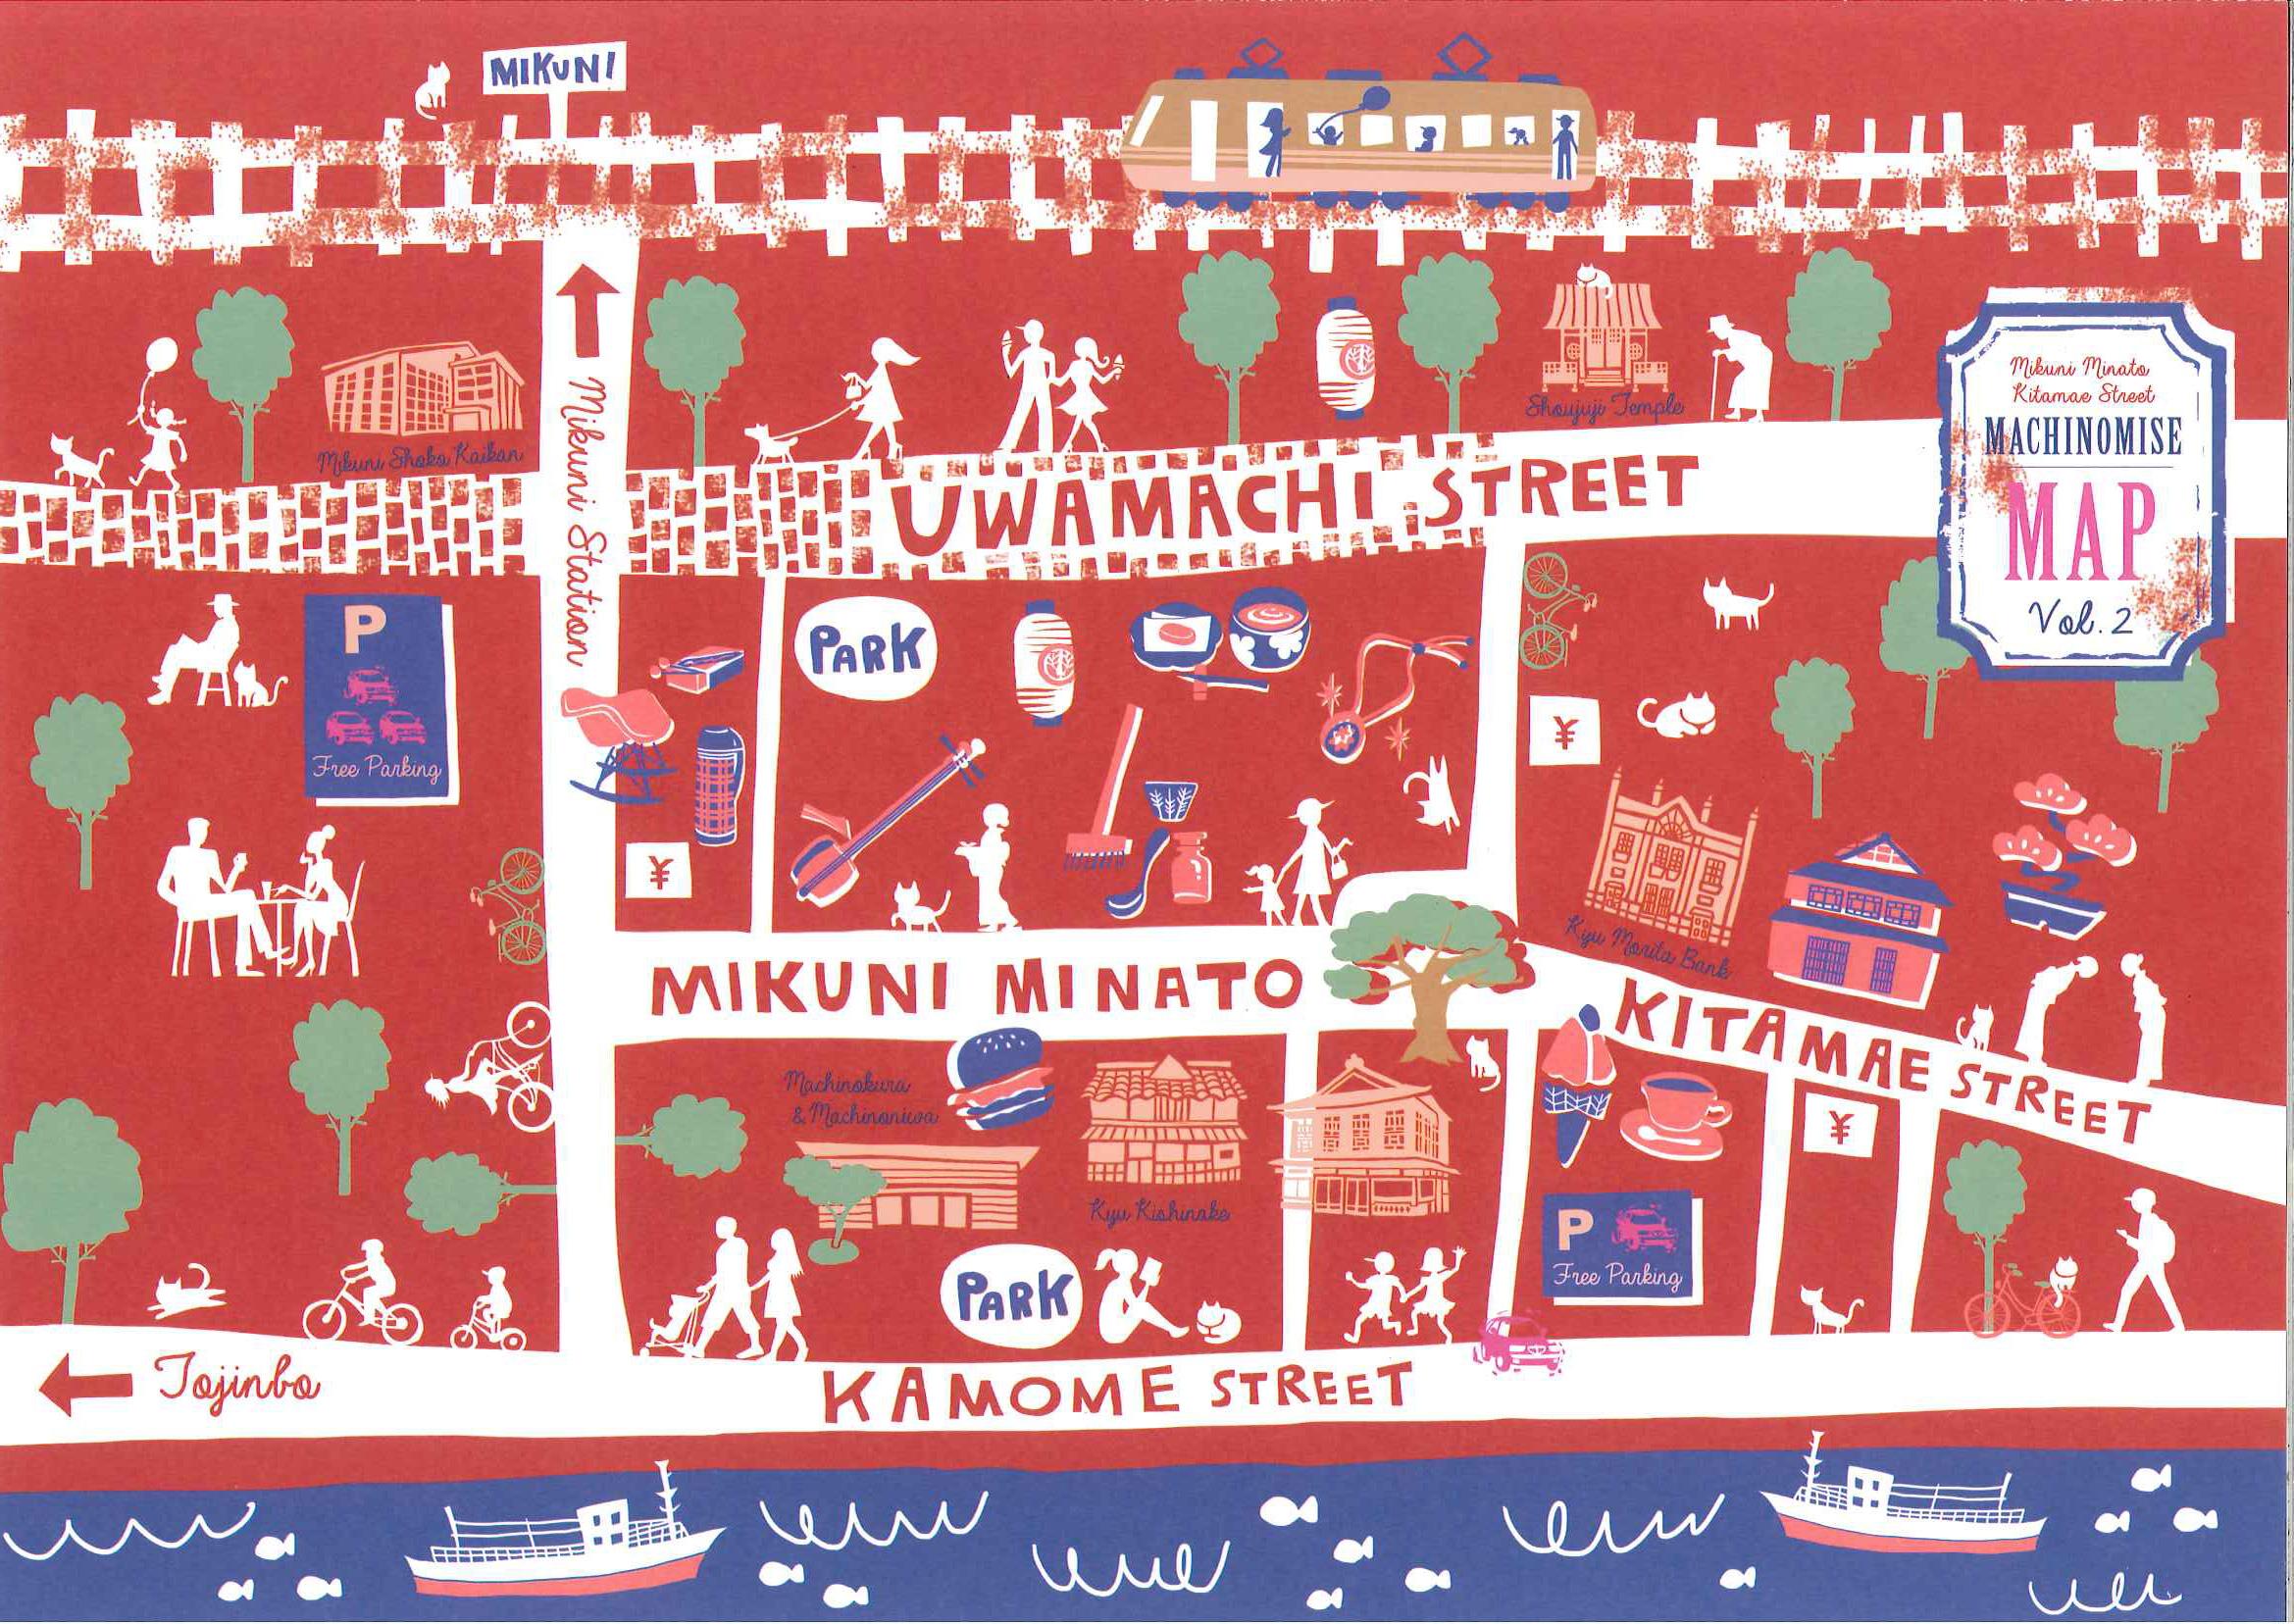 三國祭りポスター。福井の女性を応援するくらし情報、くらしくふくい。